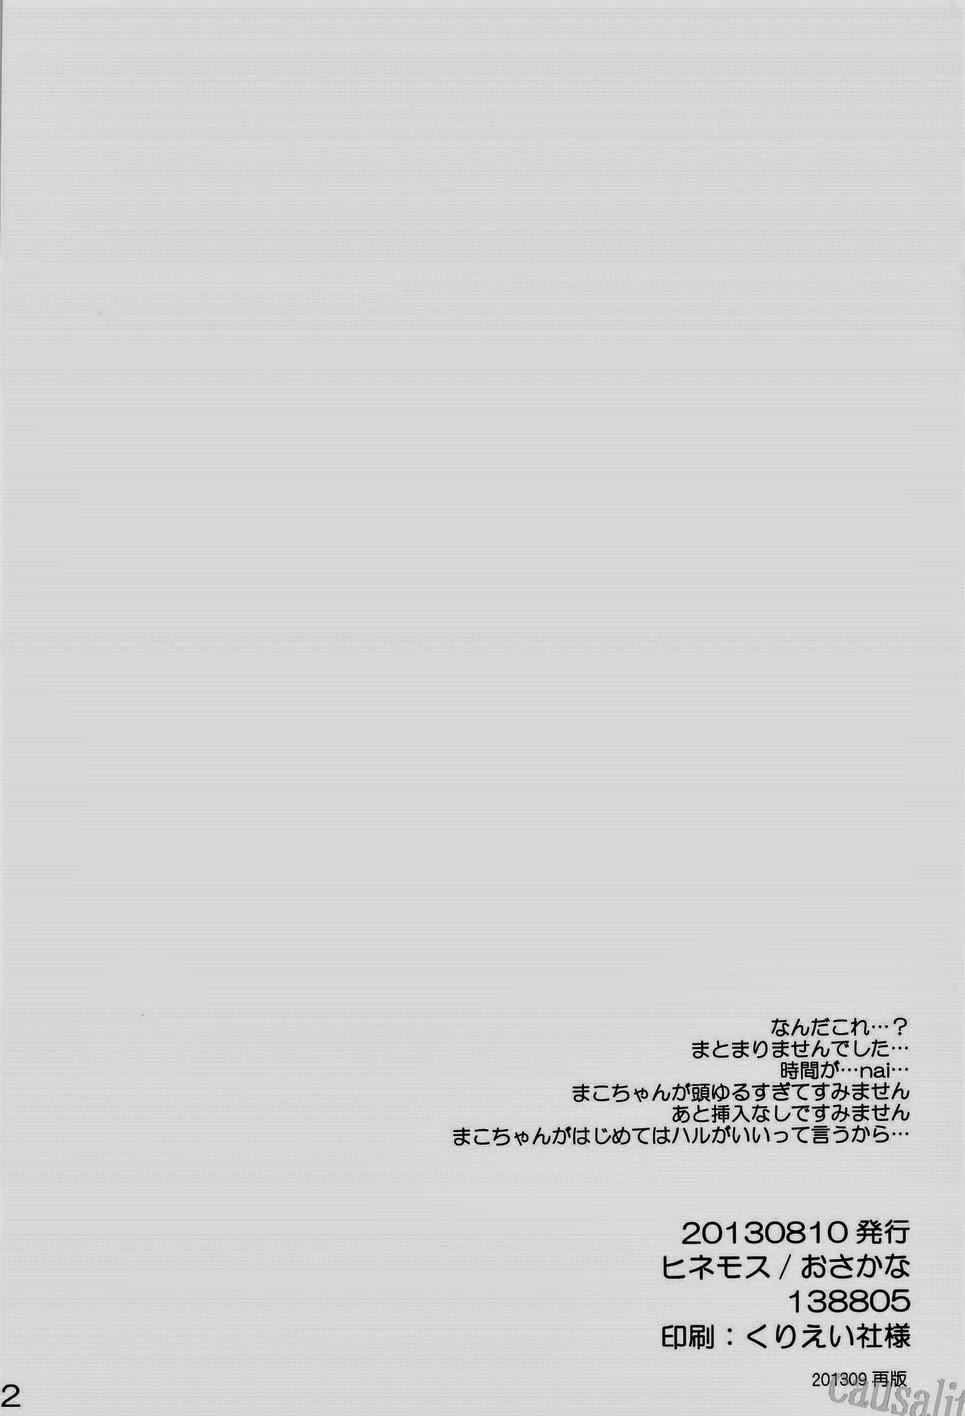 Ito mo Tayasuku Okonawareru Egetsunai Koui 21